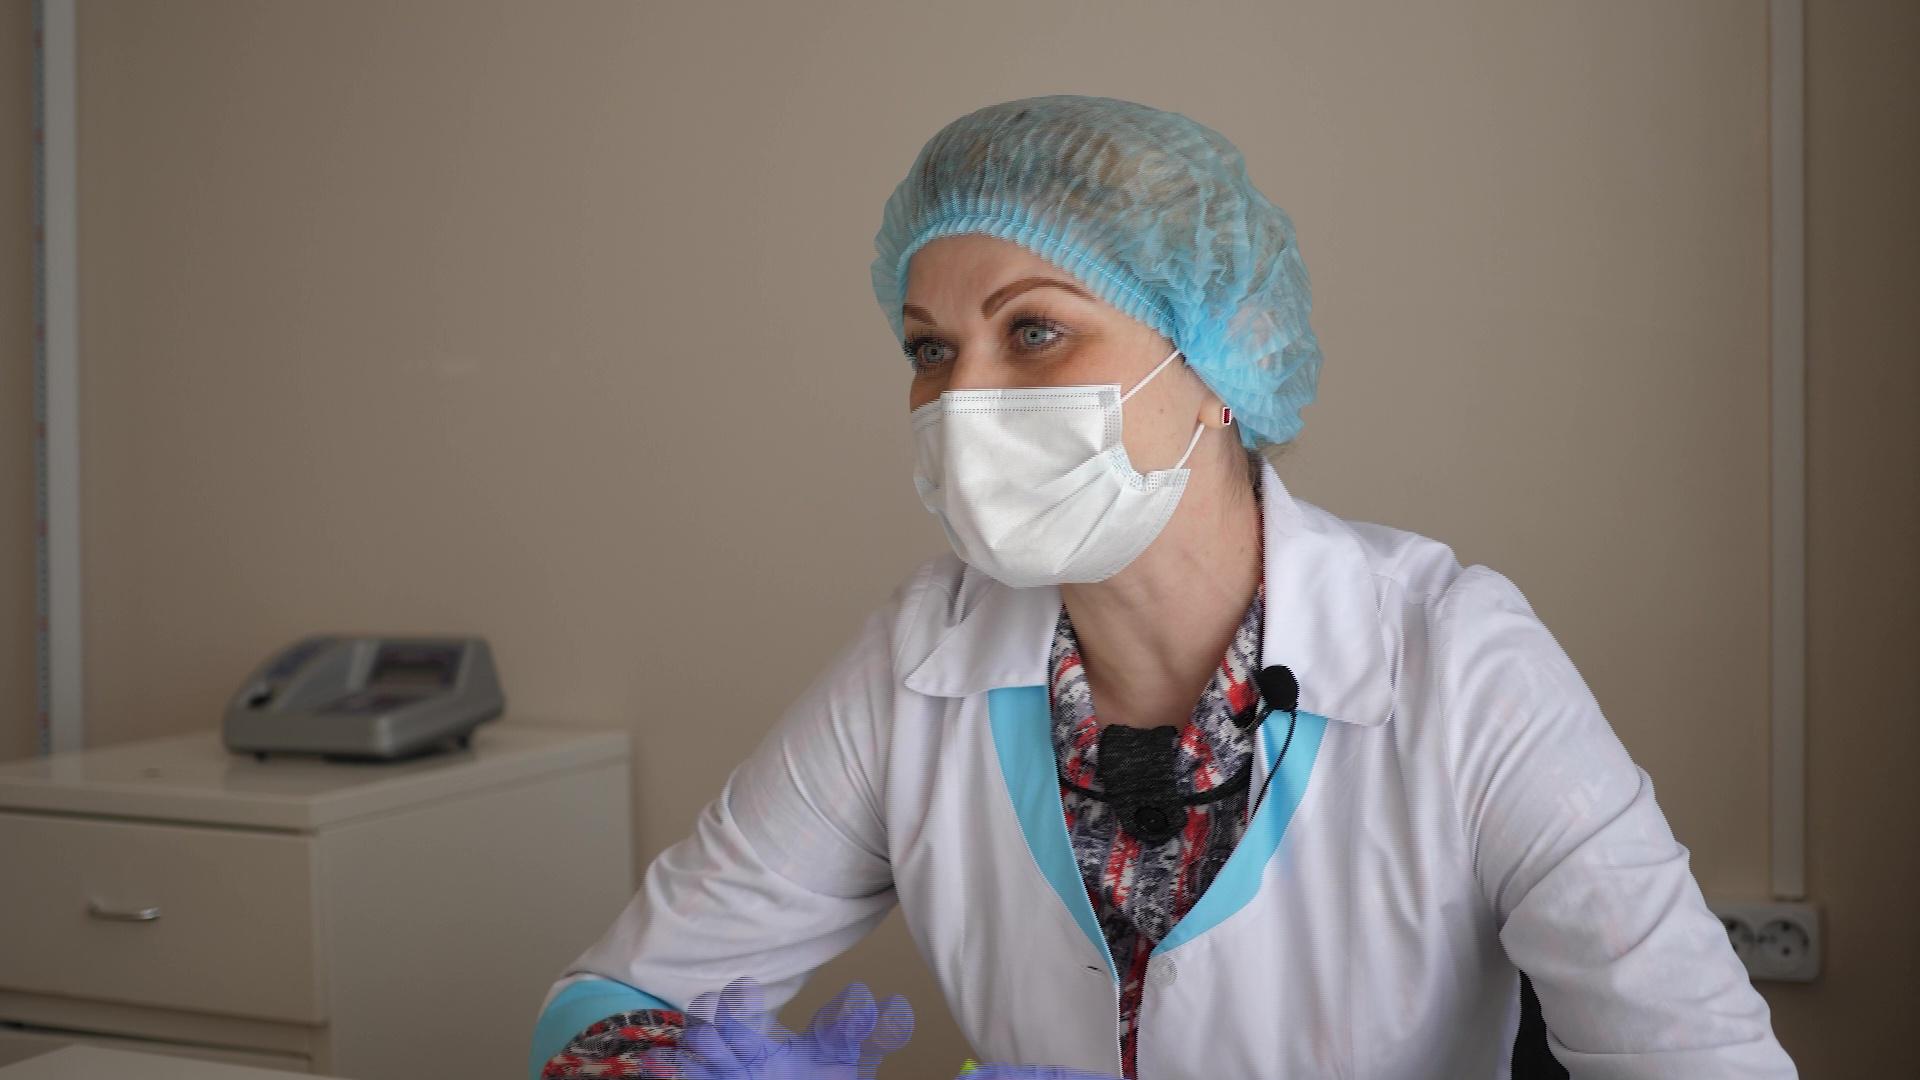 «Хочу наконец-то обнять родственников»: медсестра рассказала, как работает в условиях коронавируса